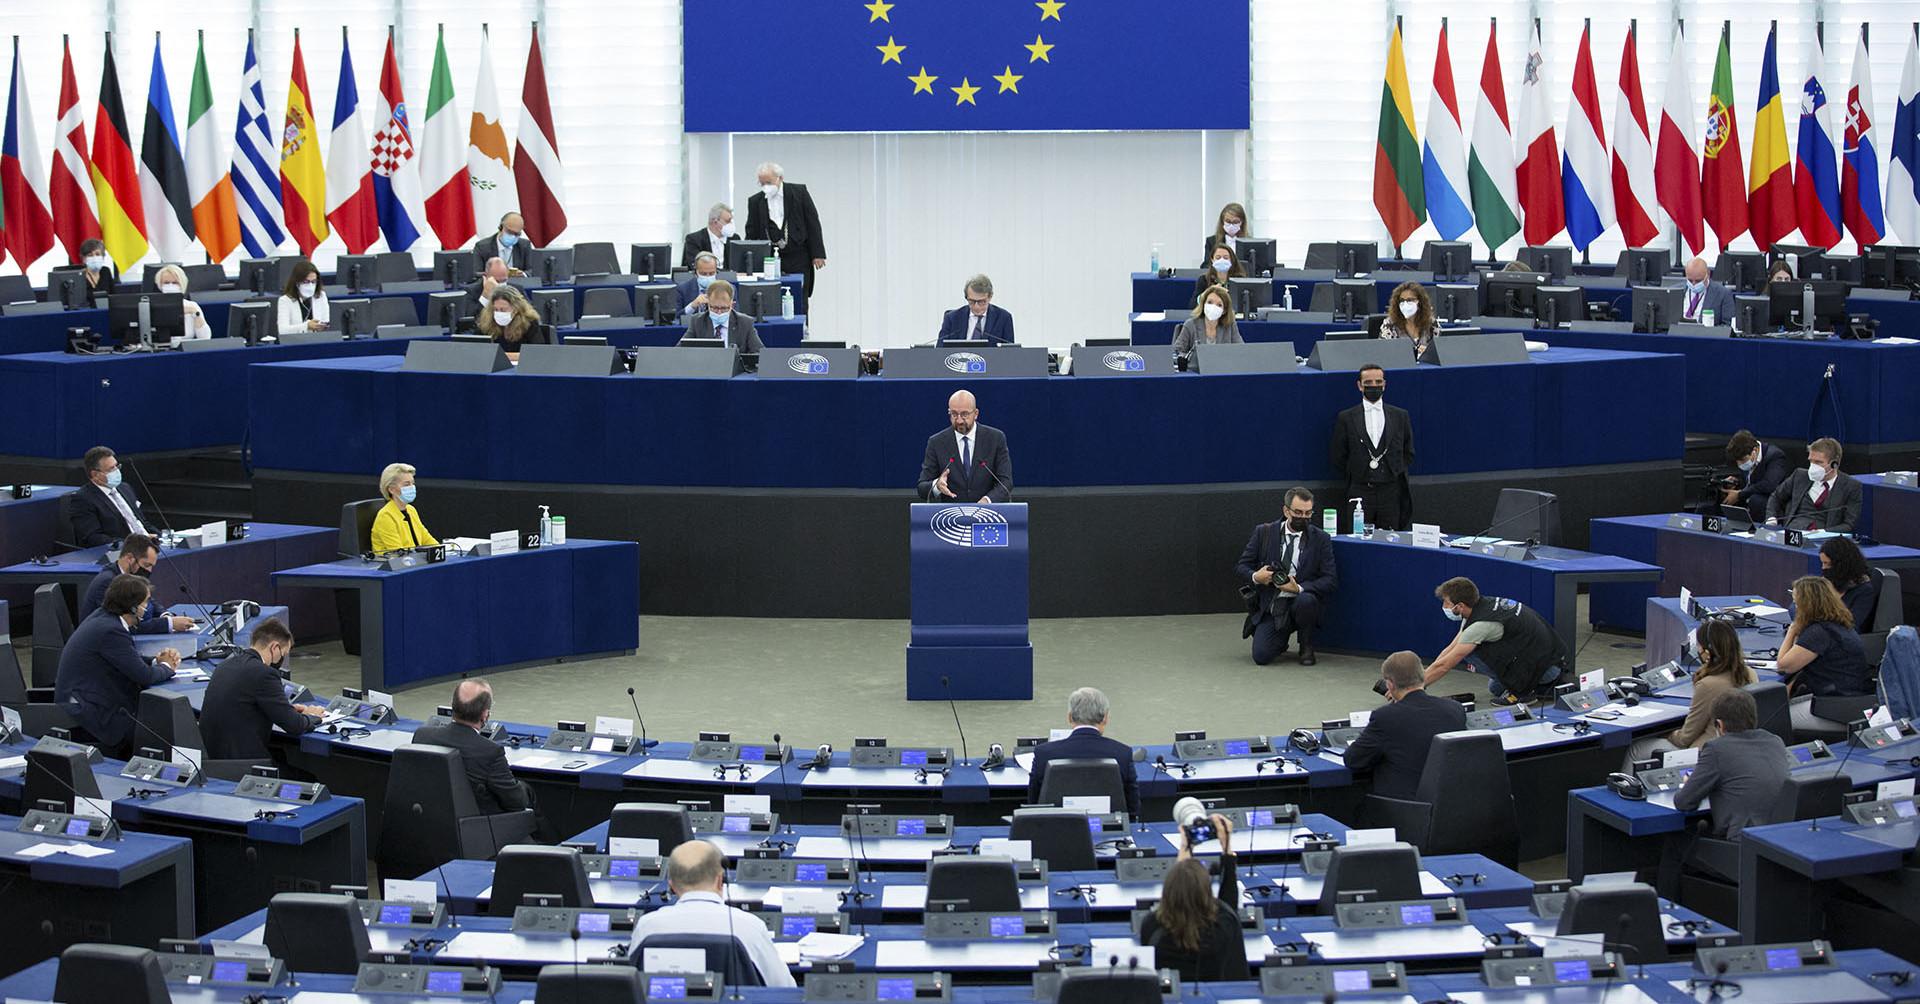 Európai Parlament: rendkívüli ülés a holokauszt áldozatainak tiszteletére